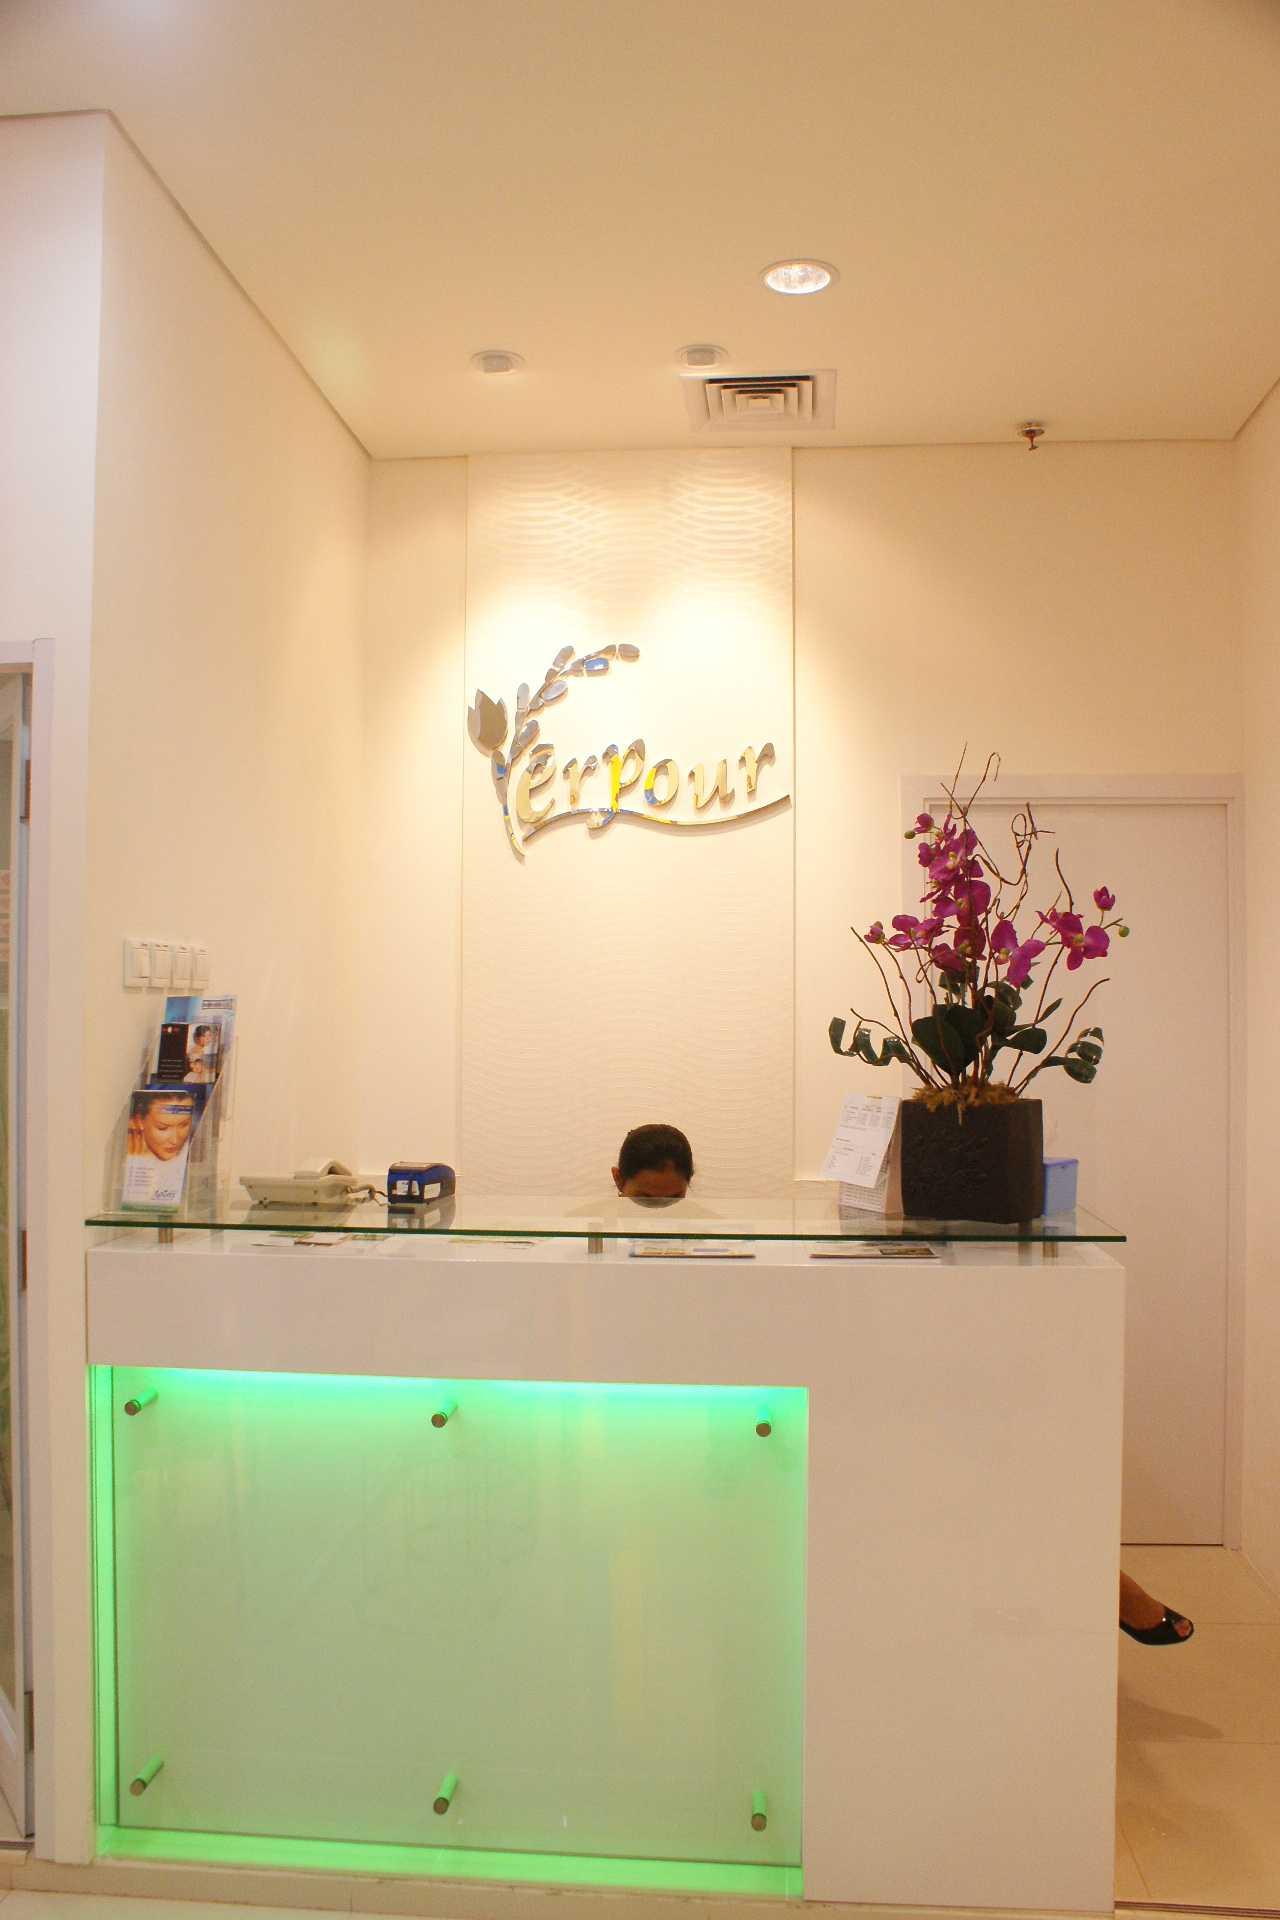 Astana Interior Beauty Clinic Jl. Boulevard Bar. Raya, Rt.18/rw.8, Klp. Gading Bar., Klp. Gading, Kota Jkt Utara, Daerah Khusus Ibukota Jakarta 14240, Indonesia Jl. Boulevard Bar. Raya, Rt.18/rw.8, Klp. Gading Bar., Klp. Gading, Kota Jkt Utara, Daerah Khusus Ibukota Jakarta 14240, Indonesia Astana-Interior-Beauty-Clinic   58155